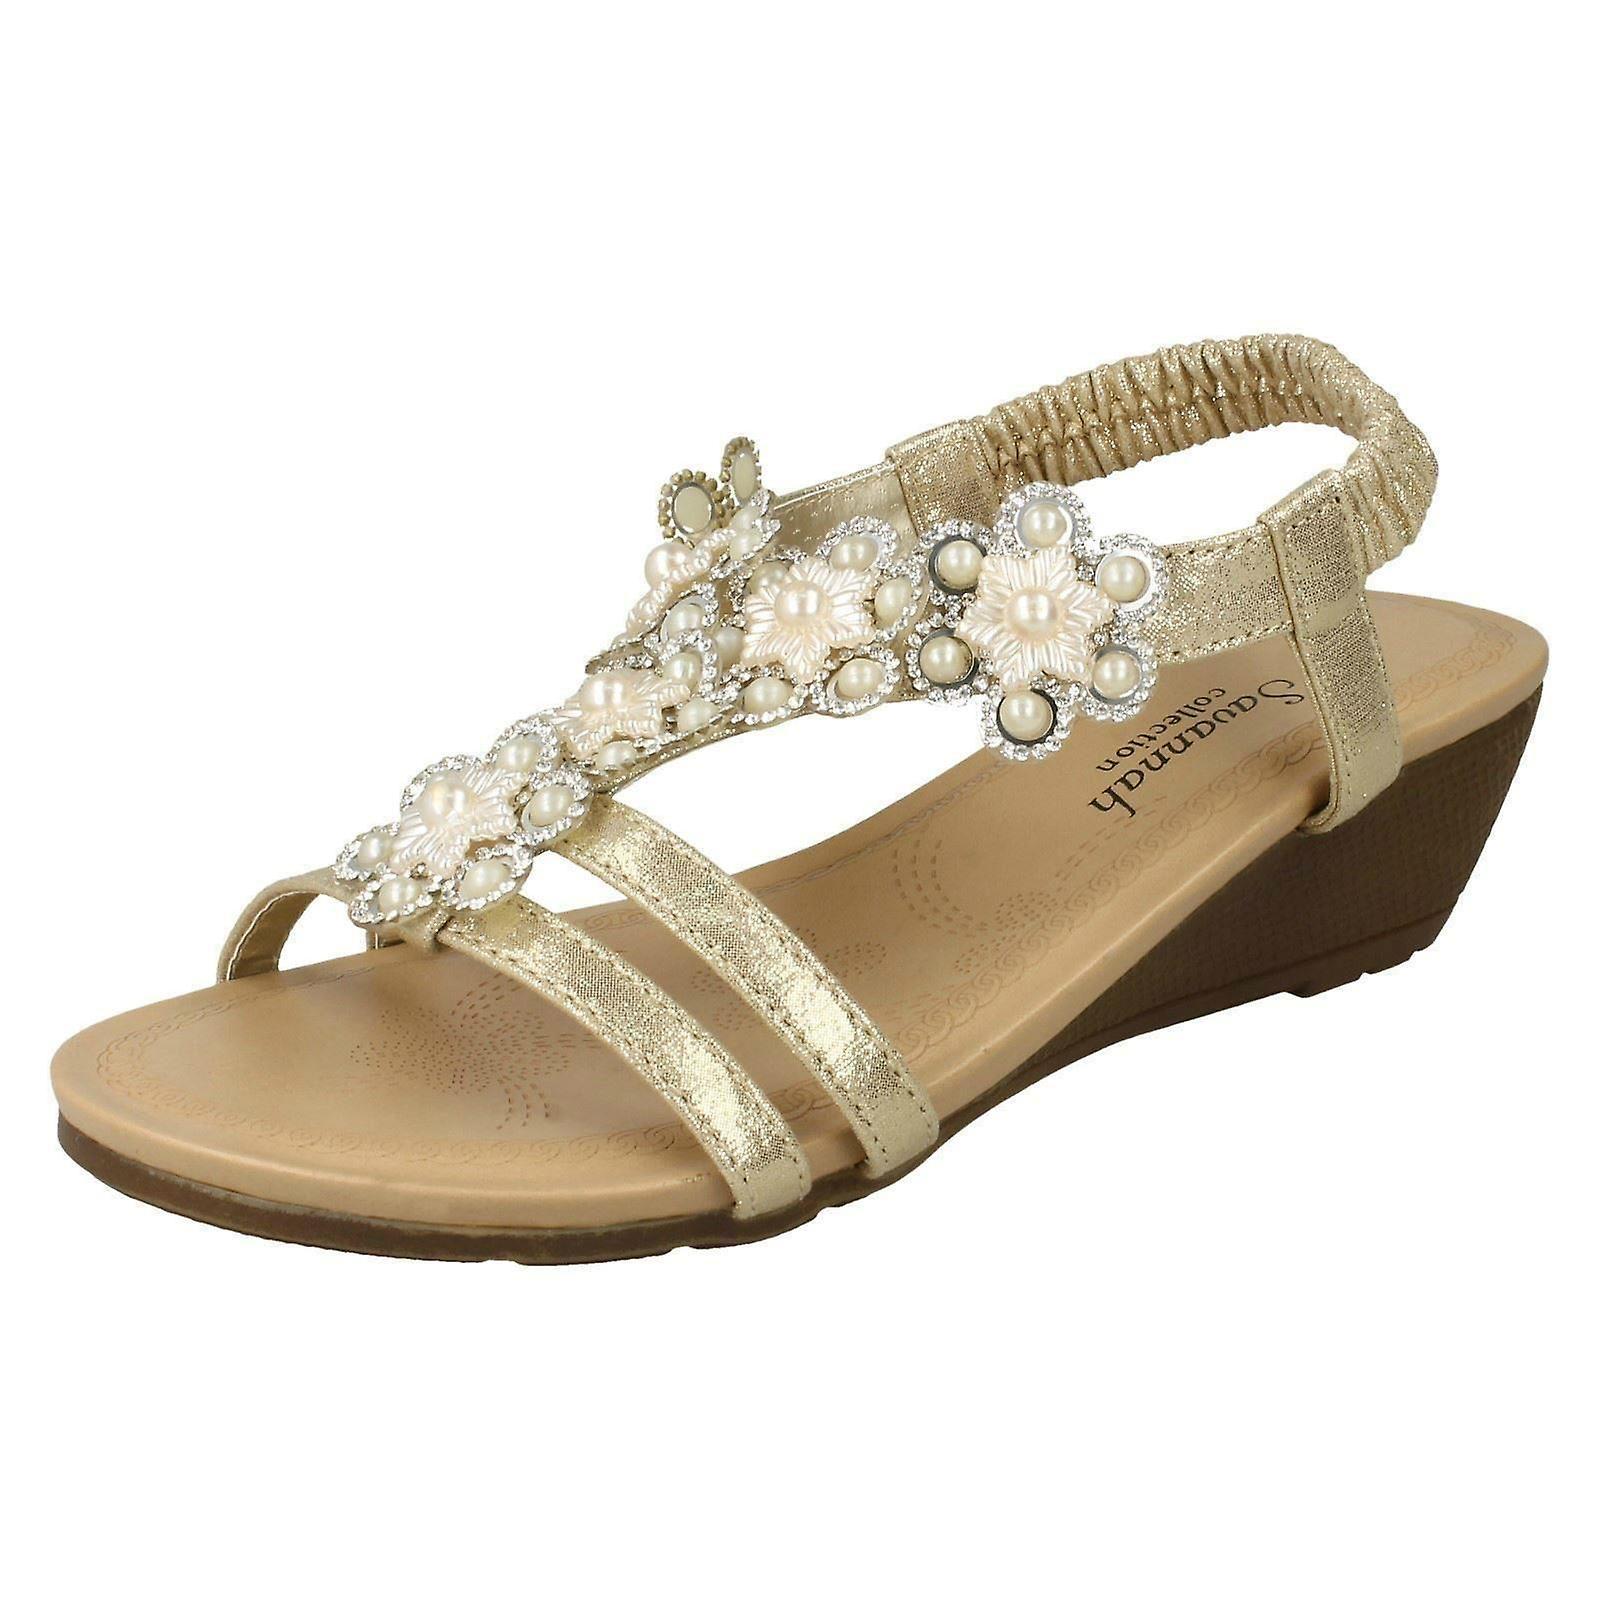 Ladies Savannah Mid Wedge Slingback Sandals F10788 HJksw